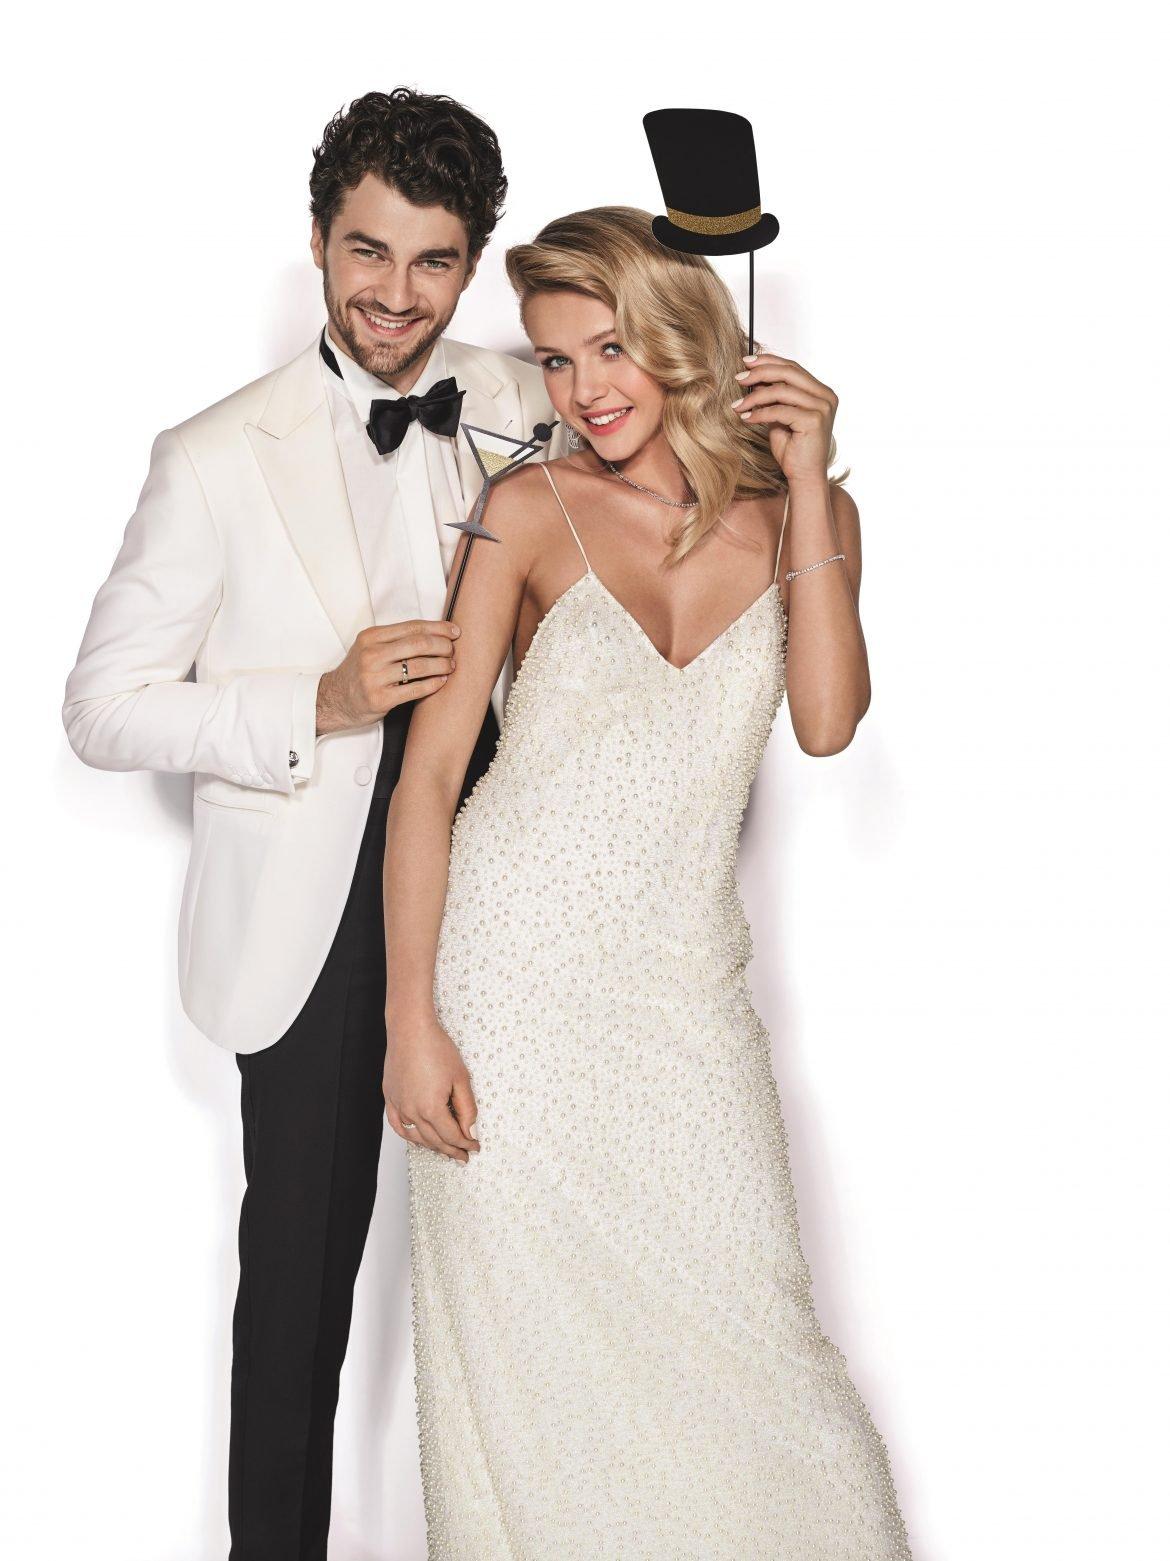 kampania ślubna marki Apart - zdjęcie 6